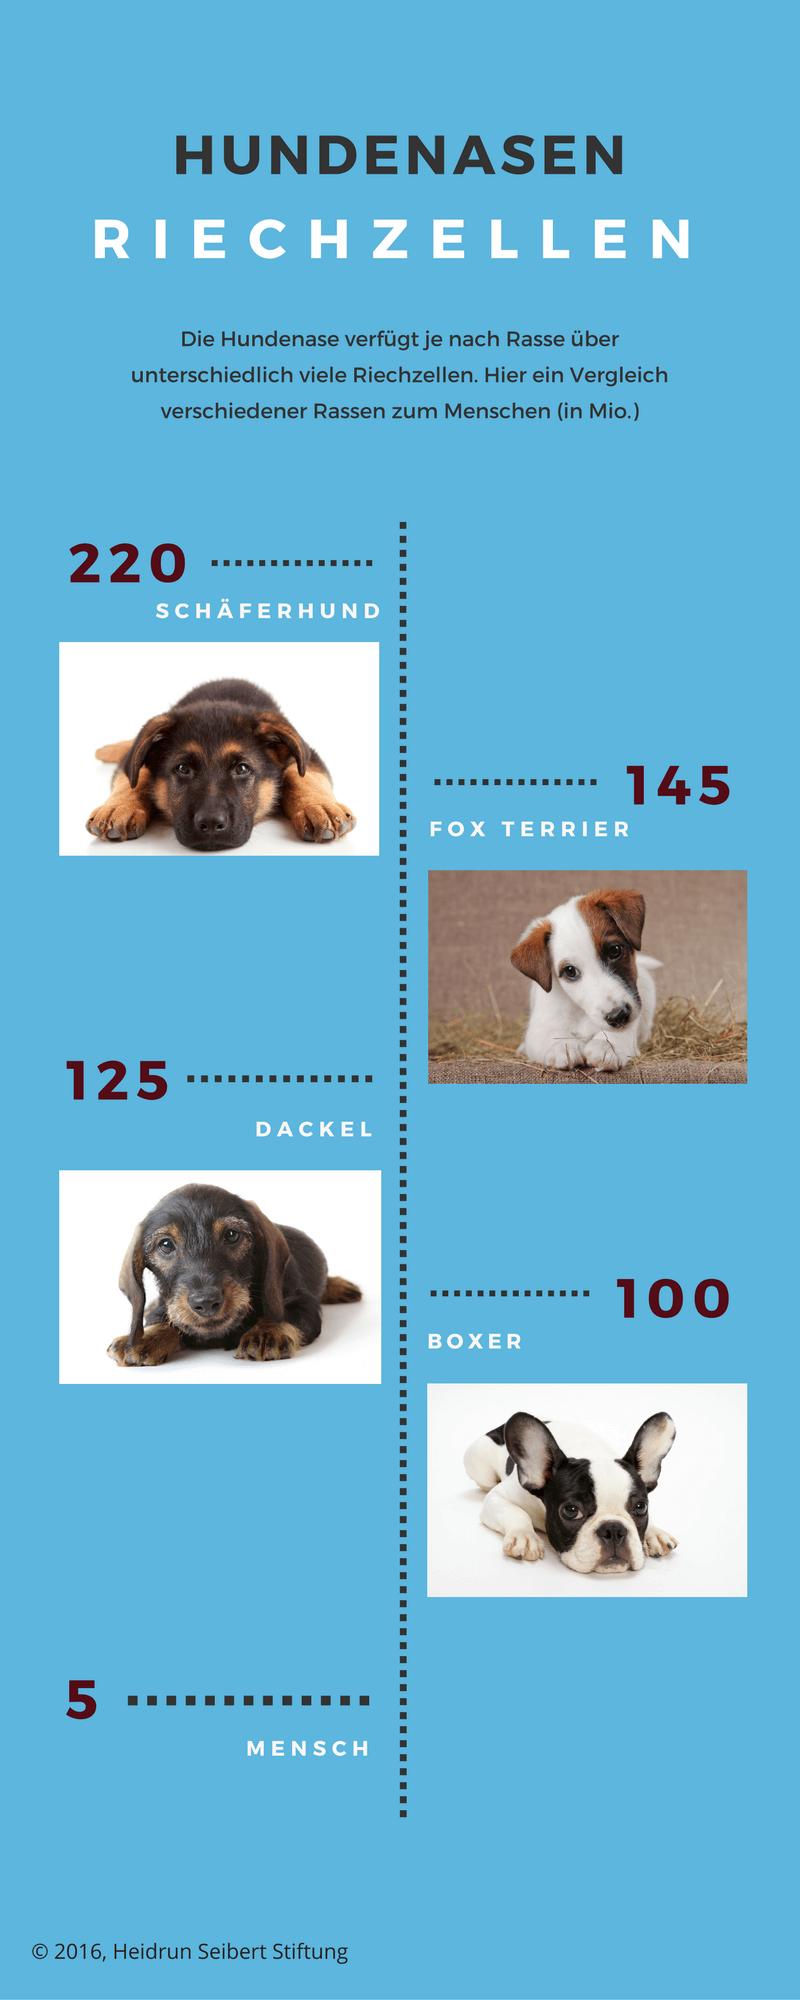 Hundenase: Die Riechzellen verschiedener Hunderassen im Vergleich zum Mensch